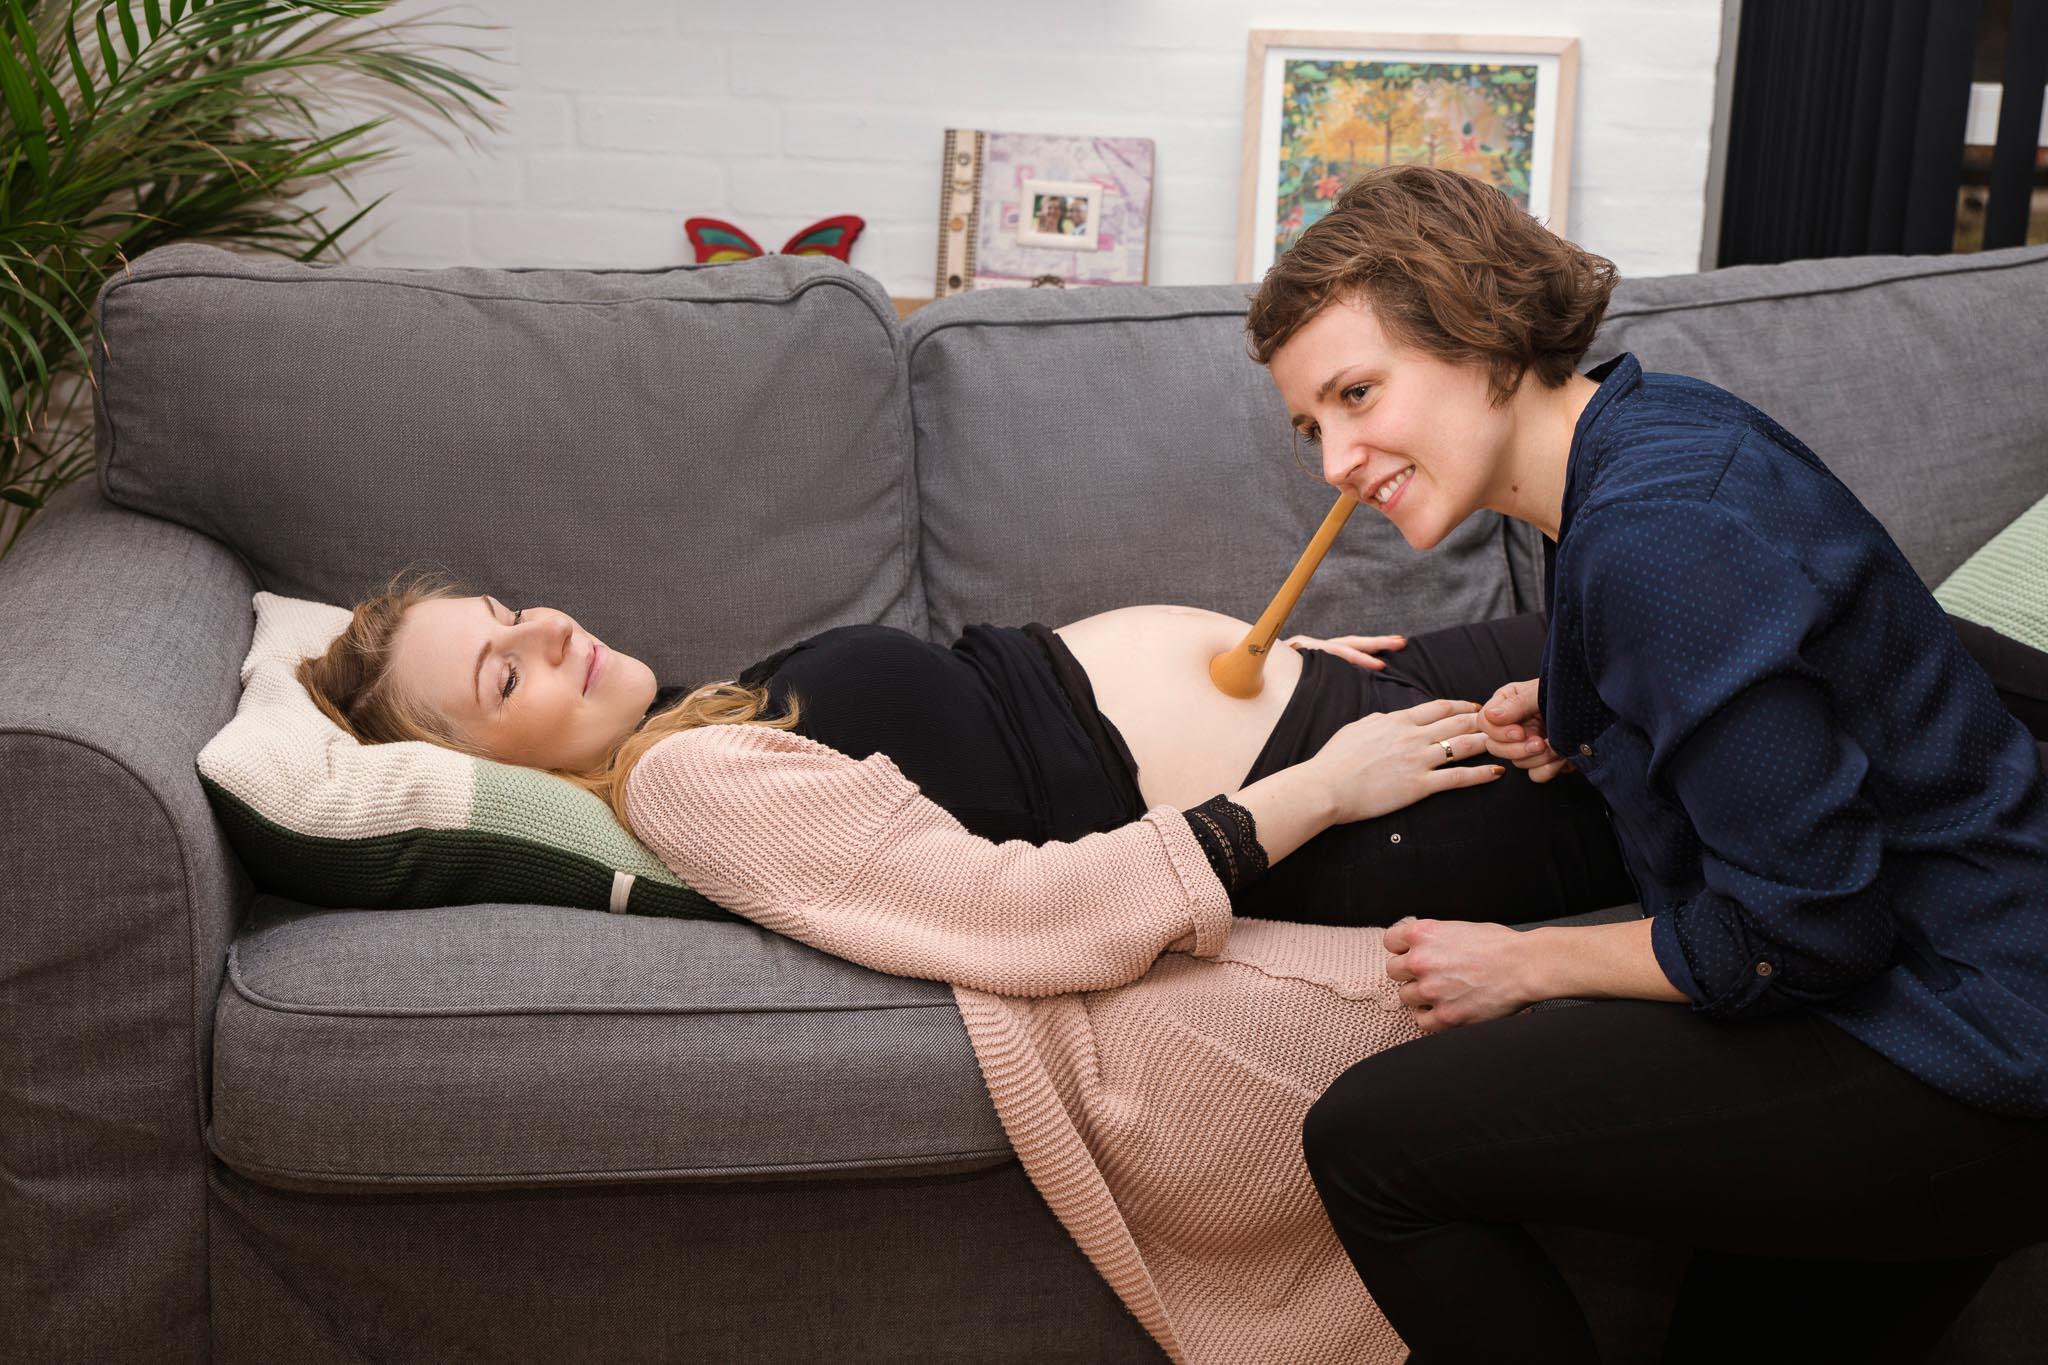 Jordemoderkonsultation lytte hjertelyd træstetoskop